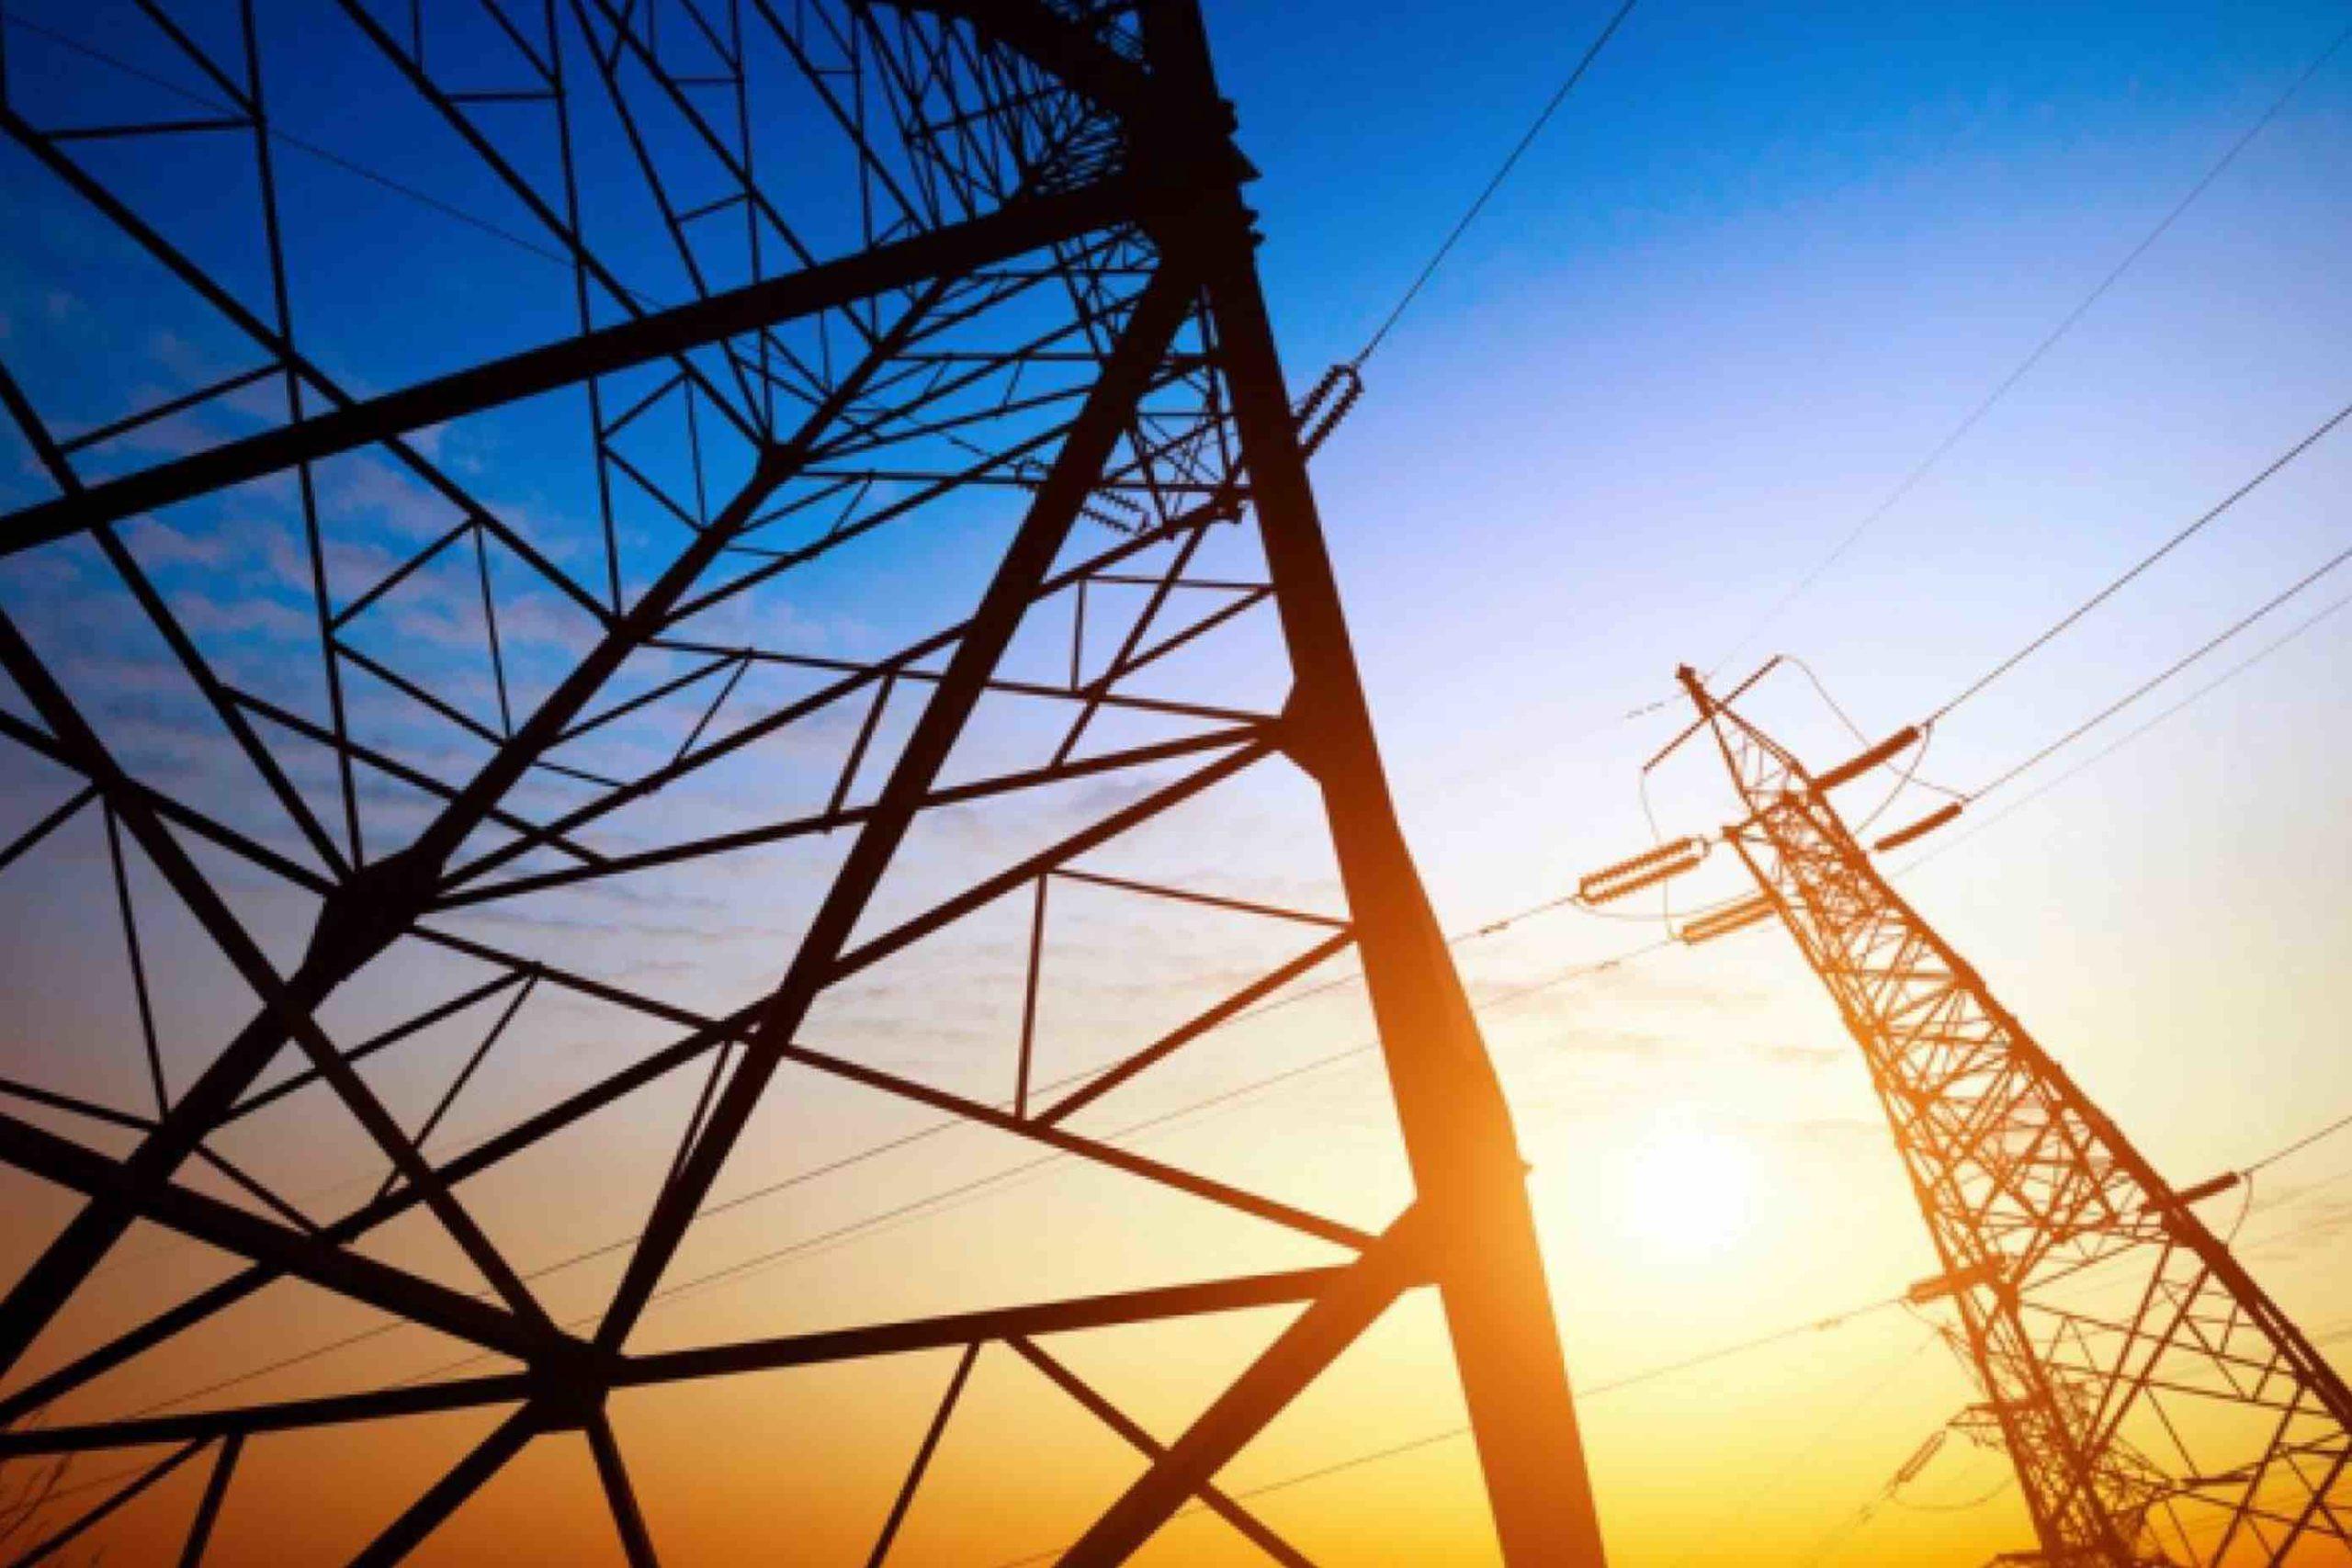 Электросетевое строительство. Организация и осуществление строительного контроля и внутреннего технического надзоров на объектах энергетики (МЭС Востока 12.05-18.05)